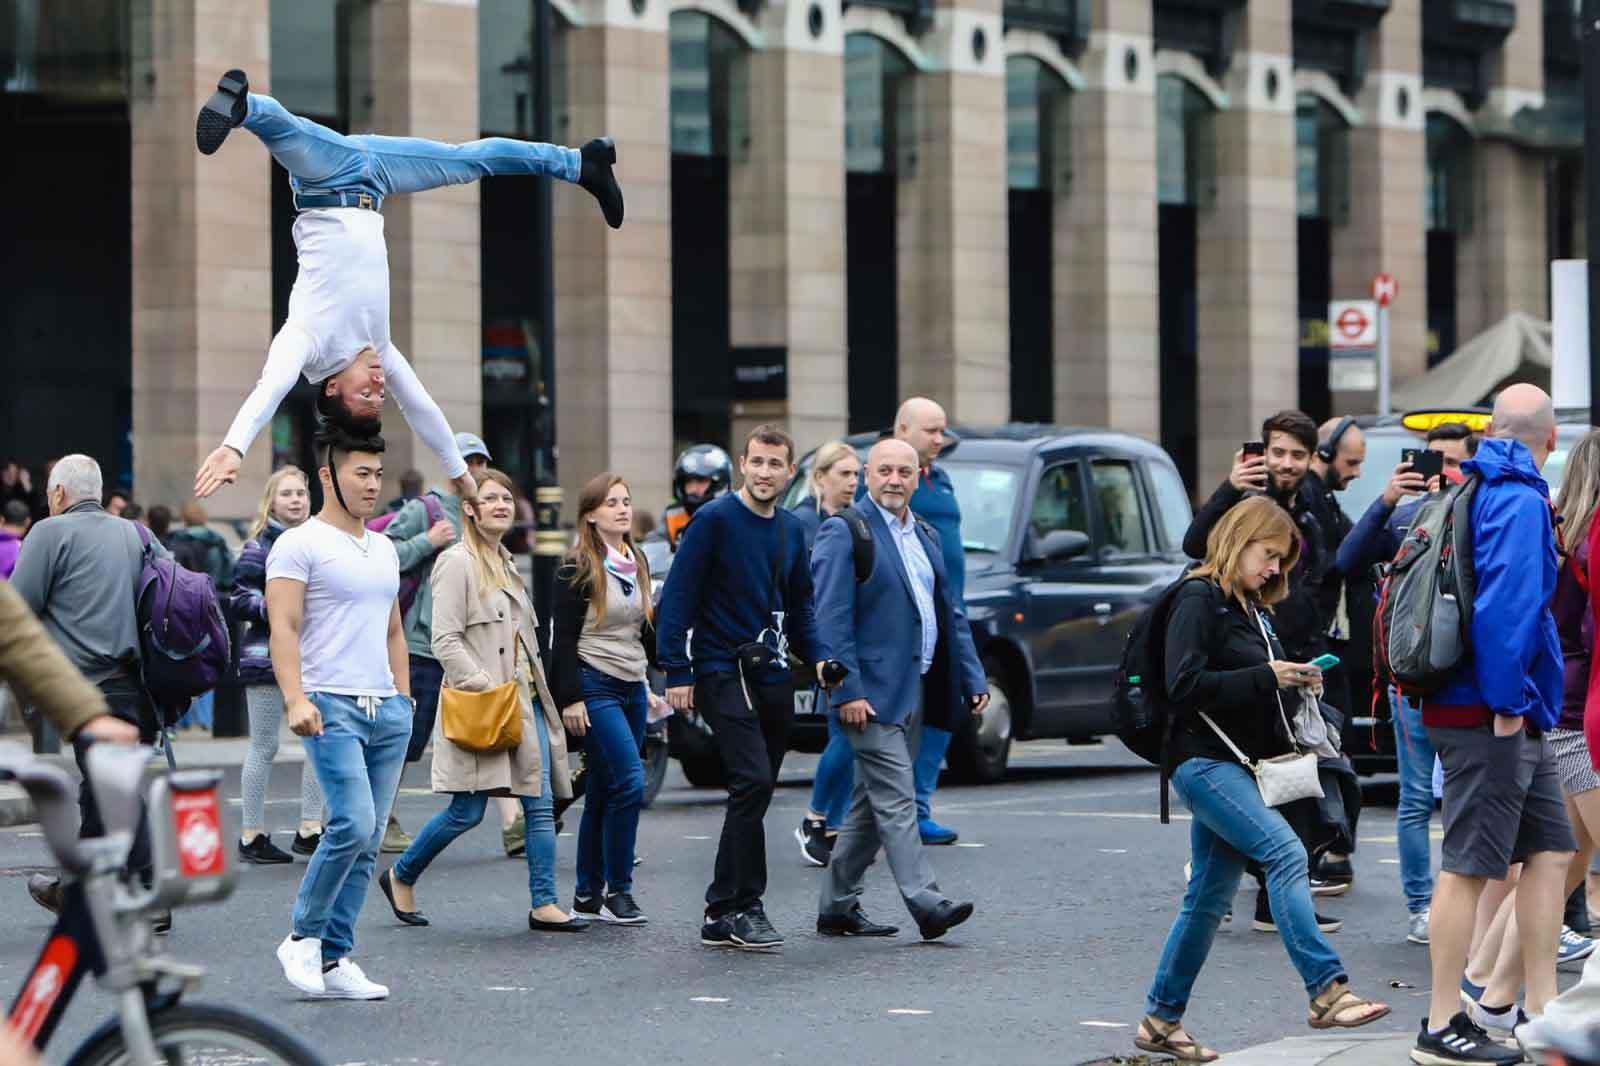 Quốc Cơ- Quốc Nghiệp trồng đầu di chuyển trên đường phố Anh Quốc